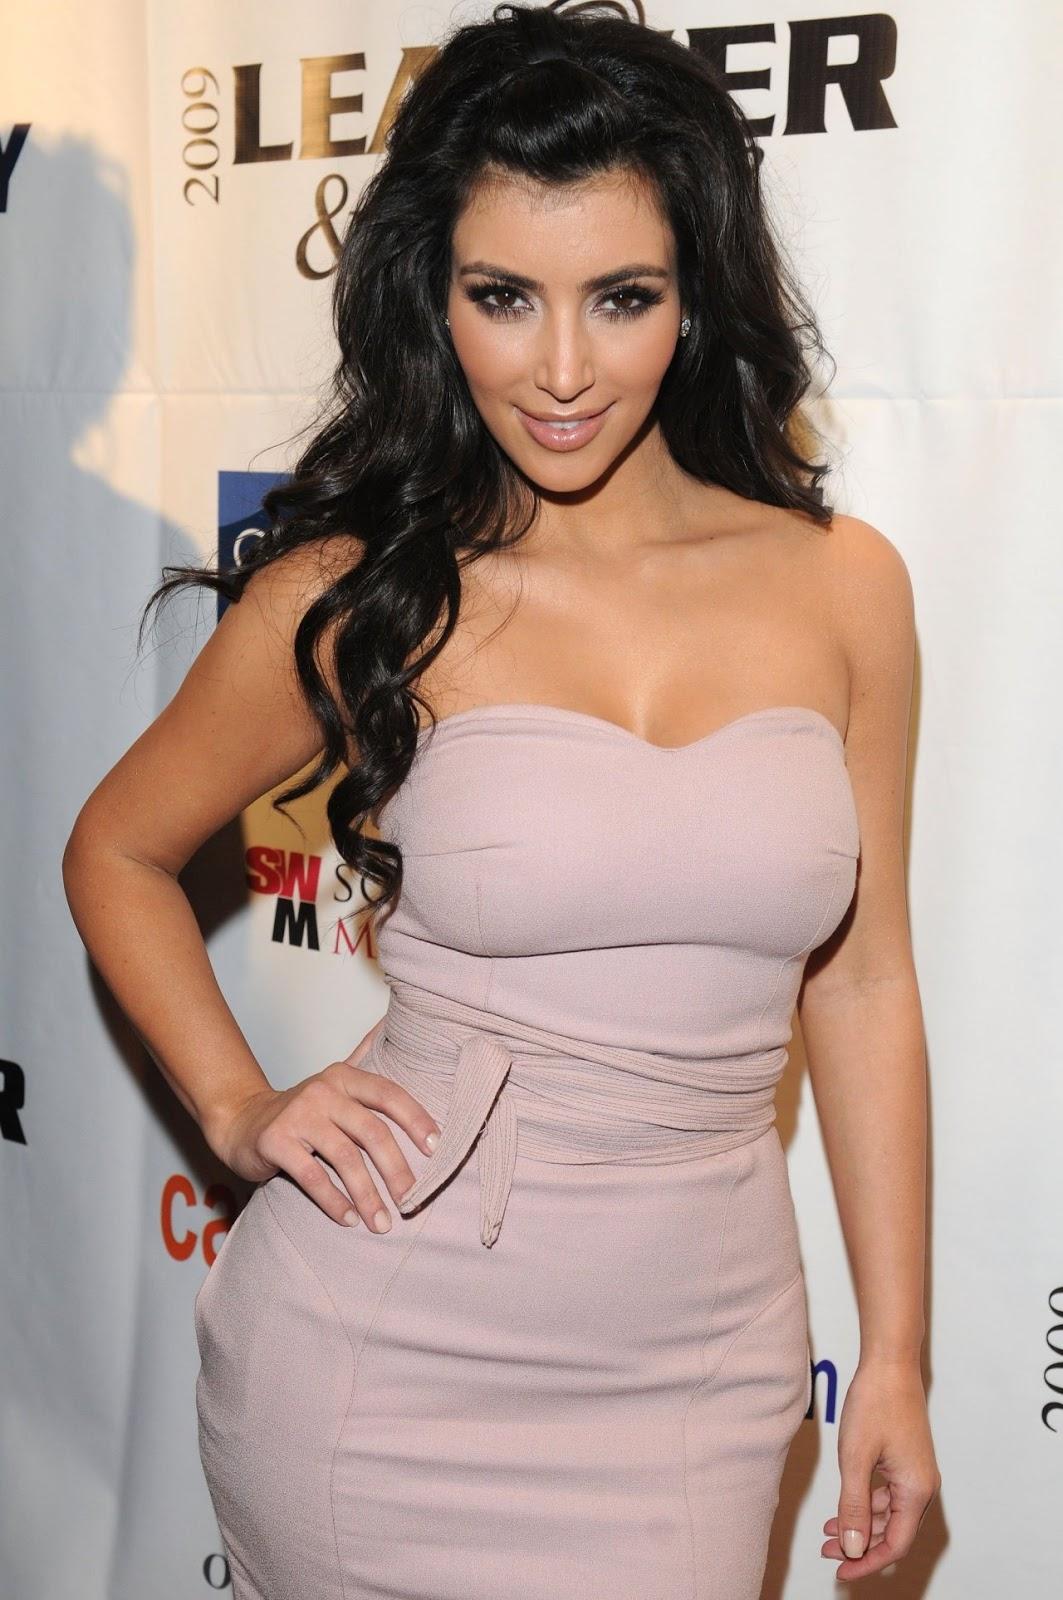 http://1.bp.blogspot.com/-wMvS3_Nd3xI/ULkvm4VRdJI/AAAAAAAAB8k/Z8zsuWotzTs/s1600/kim_kardashian.jpg